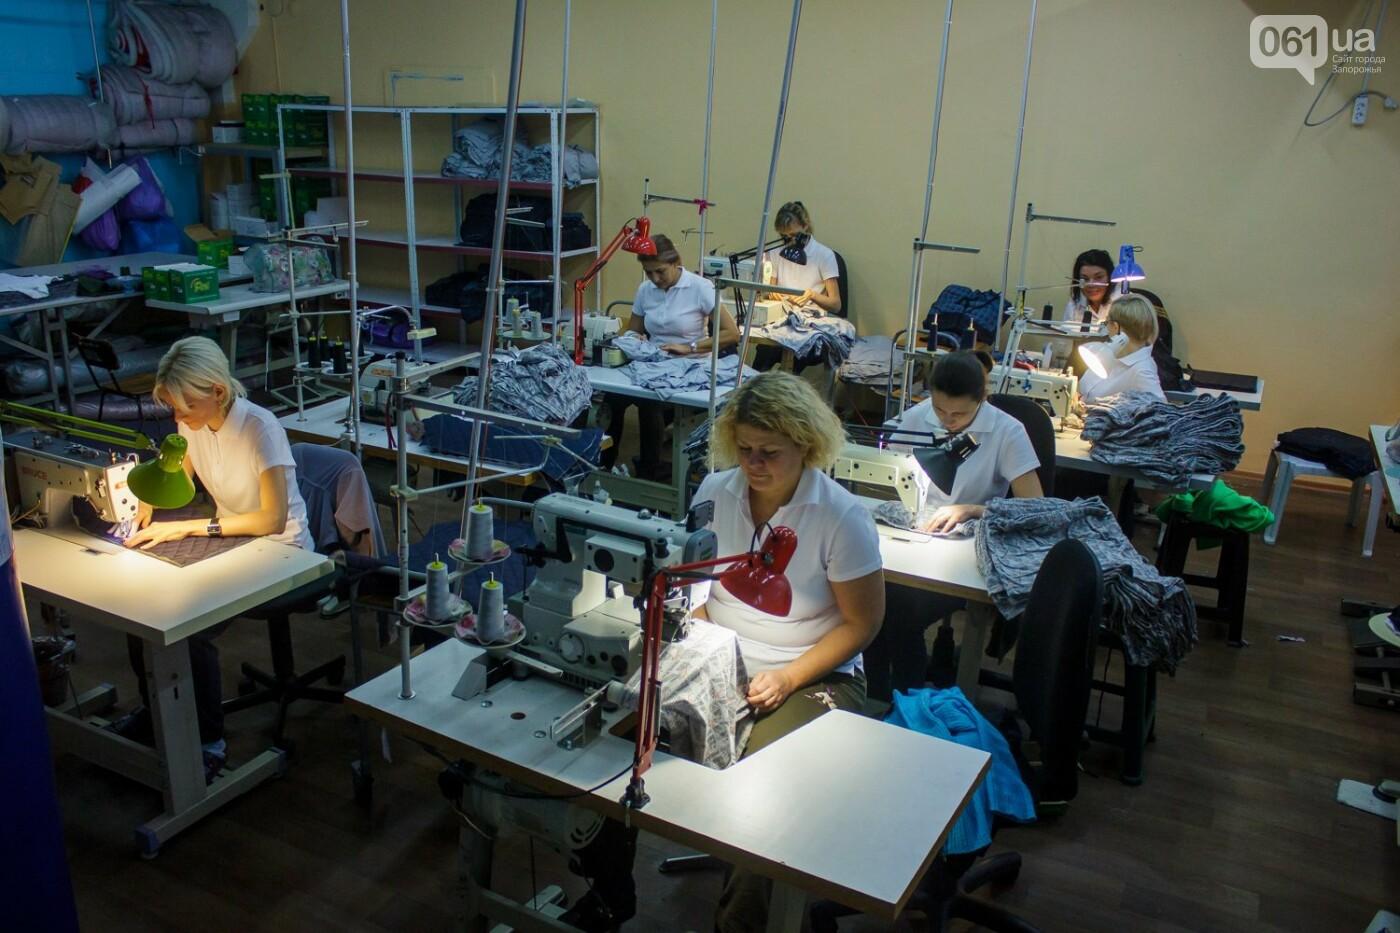 Как в Запорожье шьют мужское белье: экскурсия на трикотажную фабрику, – ФОТОРЕПОРТАЖ, фото-41